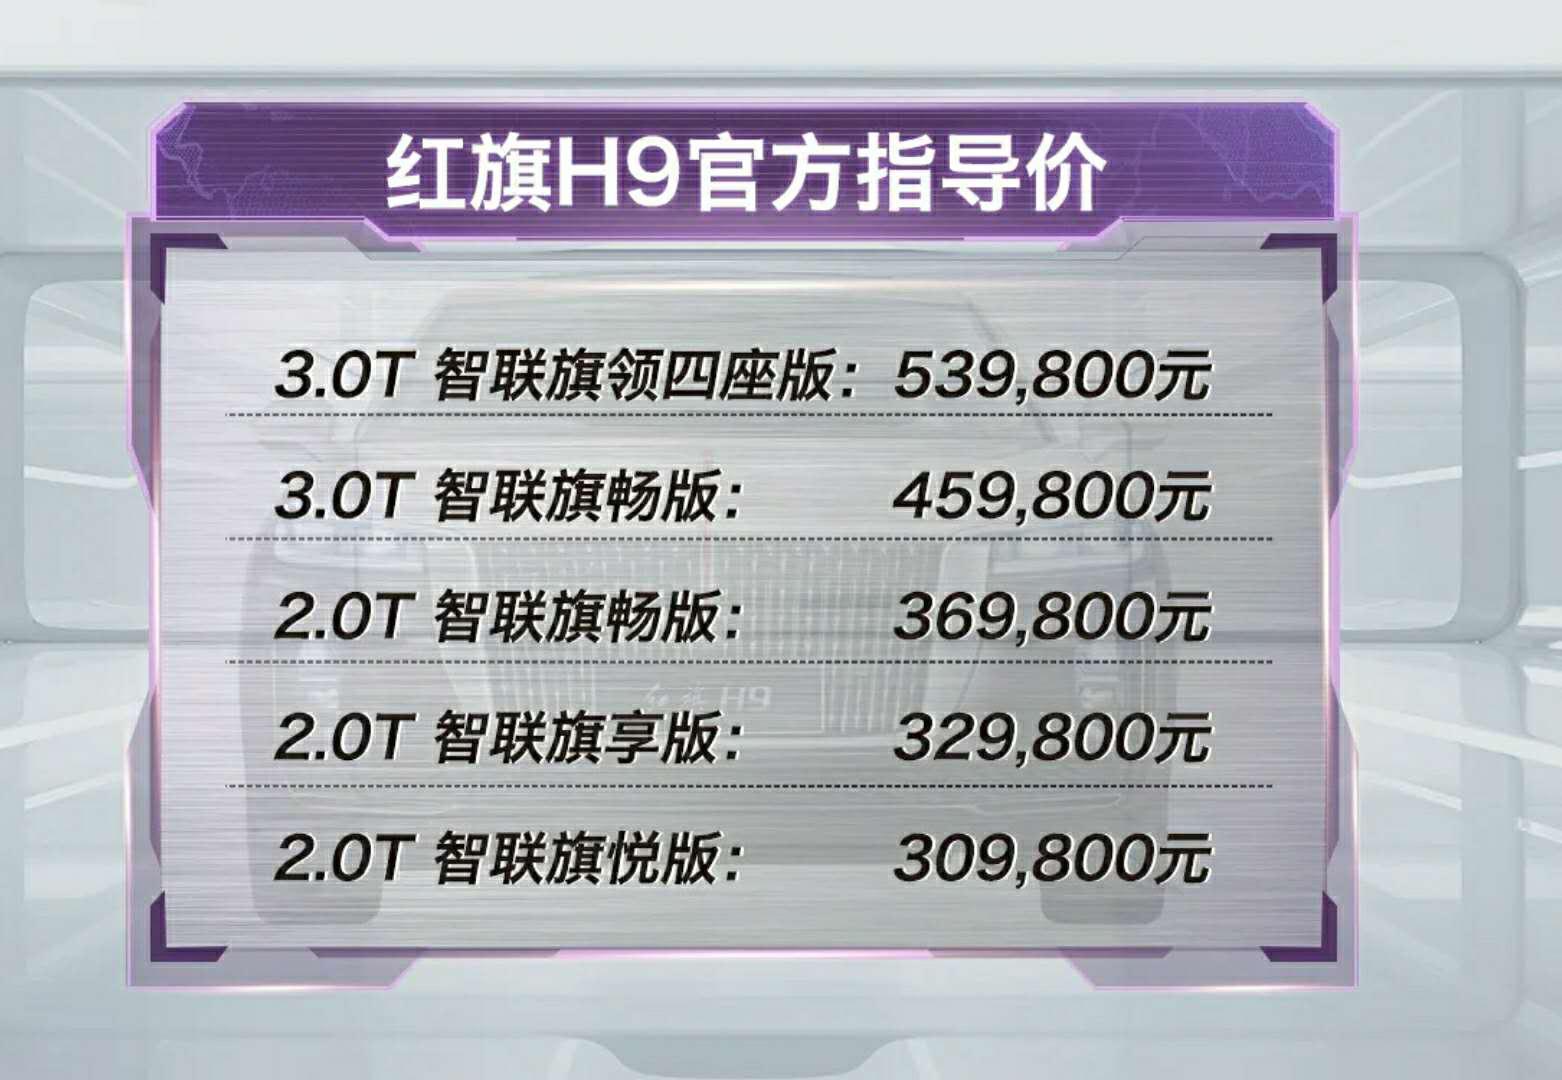 红旗H9正式价格公布,30.98万起,是最恰当也最合理的定价